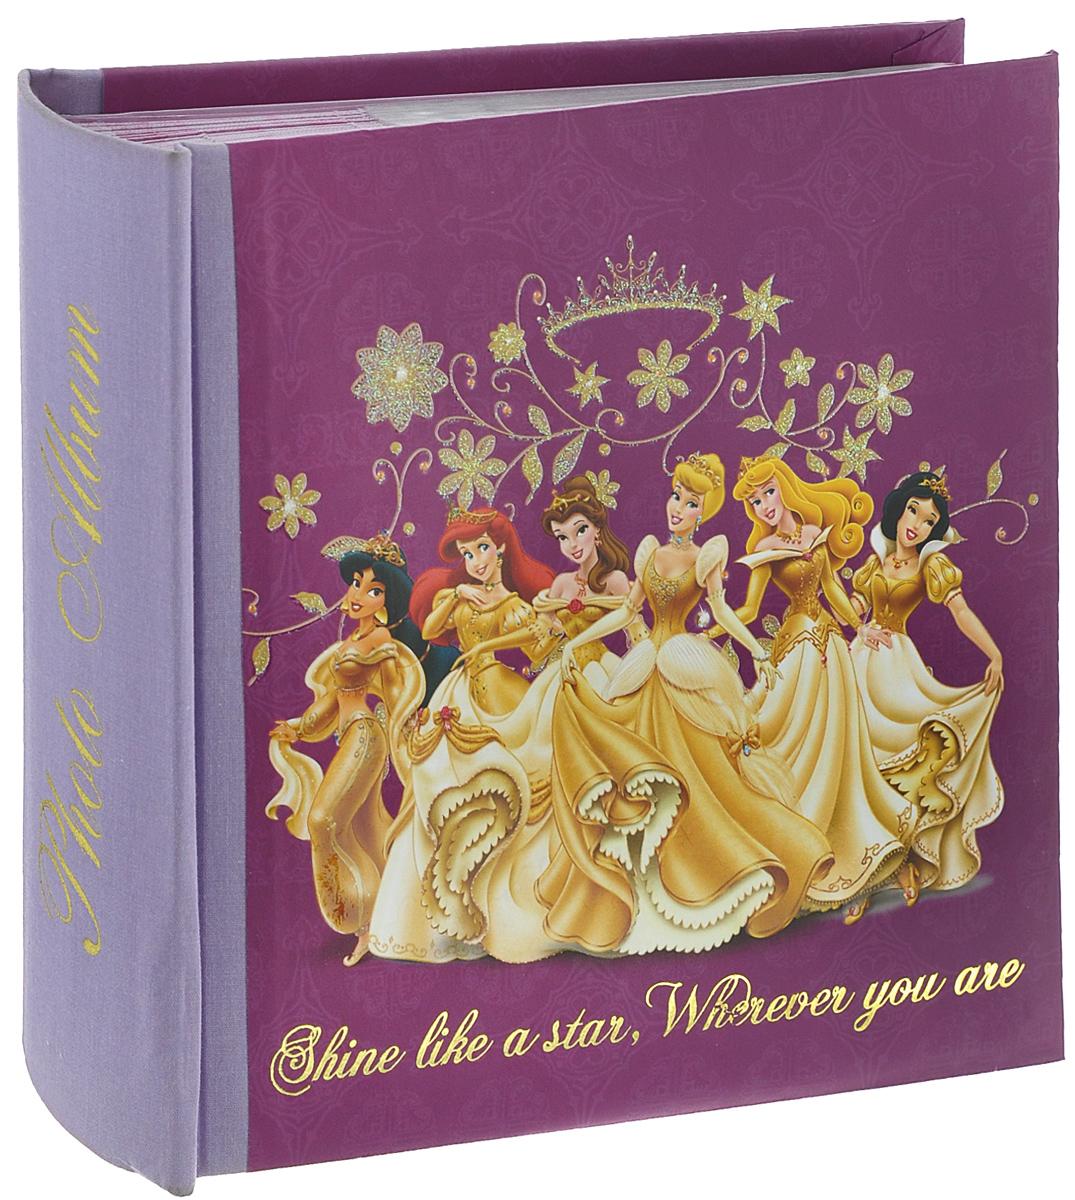 Фотоальбом Pioneer Gold Princess, 100 фотографий, 10 см х 15 см11200Фотоальбом Pioneer Gold Princess поможет красиво оформить ваши фотографии. Обложка, выполненная из толстого картона, оформлена изображением героев из известных мультфильмов. Внутри содержится блок из 50 листов с фиксаторами-окошками из полипропилена. Альбом рассчитан на 100 фотографий формата 10 см х 15 см (по 1 фотографии на странице). Переплет - книжный. Нам всегда так приятно вспоминать о самых счастливых моментах жизни, запечатленных на фотографиях. Поэтому фотоальбом является универсальным подарком к любому празднику.Количество листов: 50.